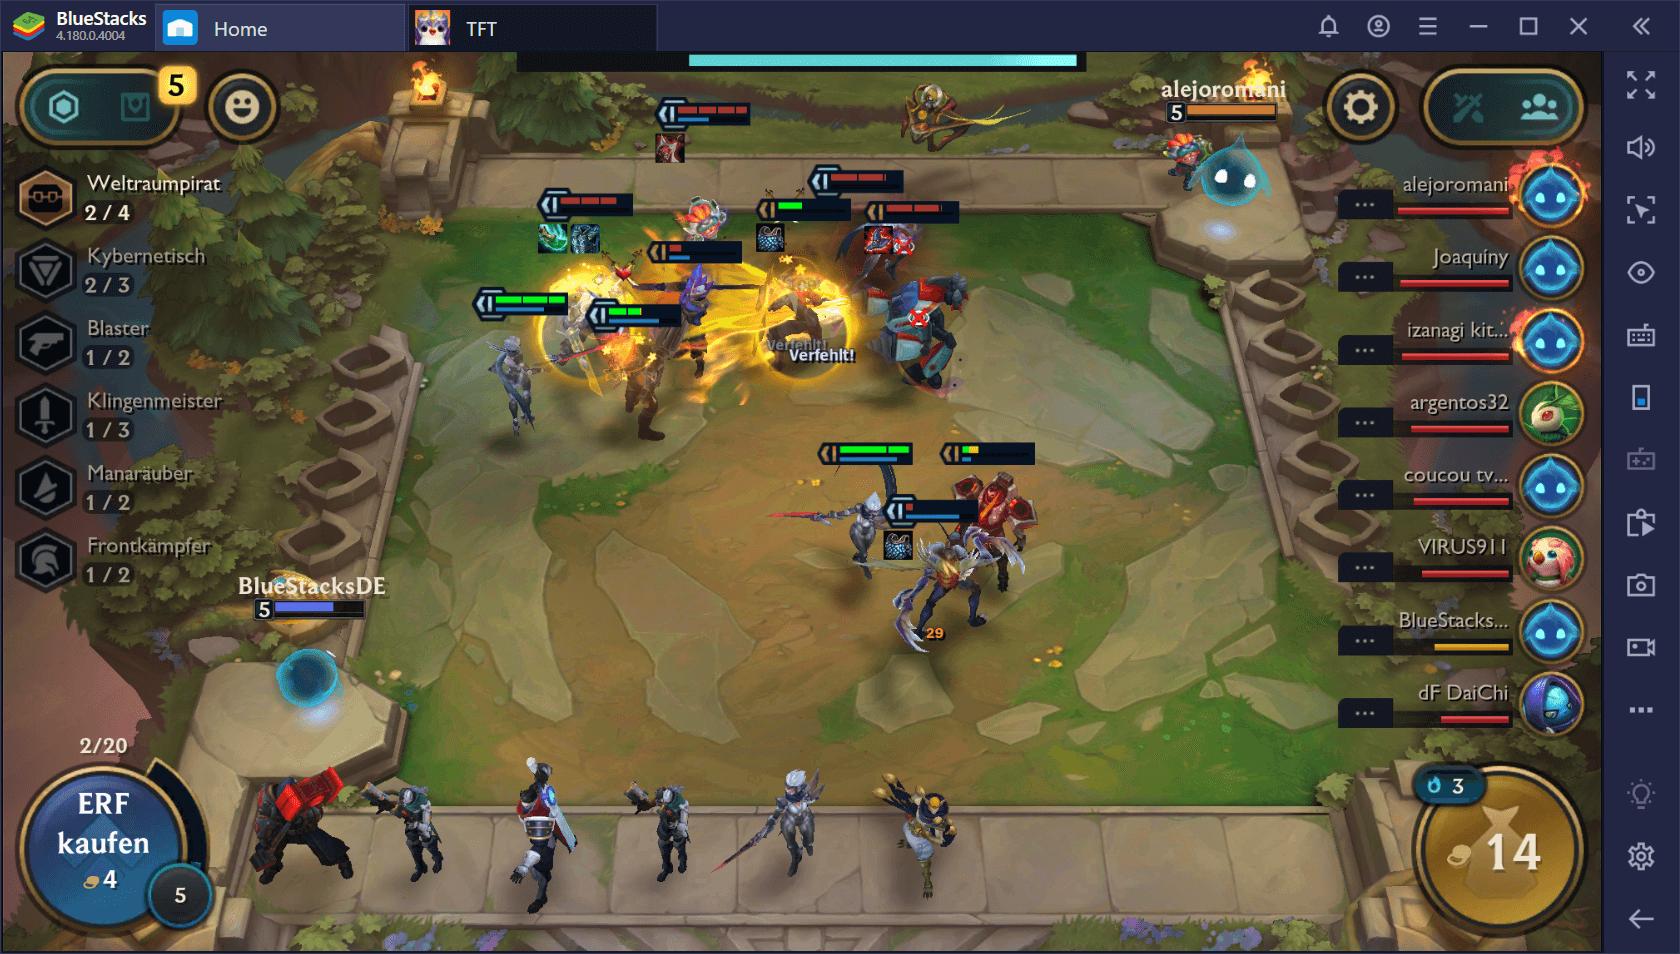 Teamfight Tactics auf BlueStacks – Die besten Tipps und Tricks, um jedes Match zu gewinnen